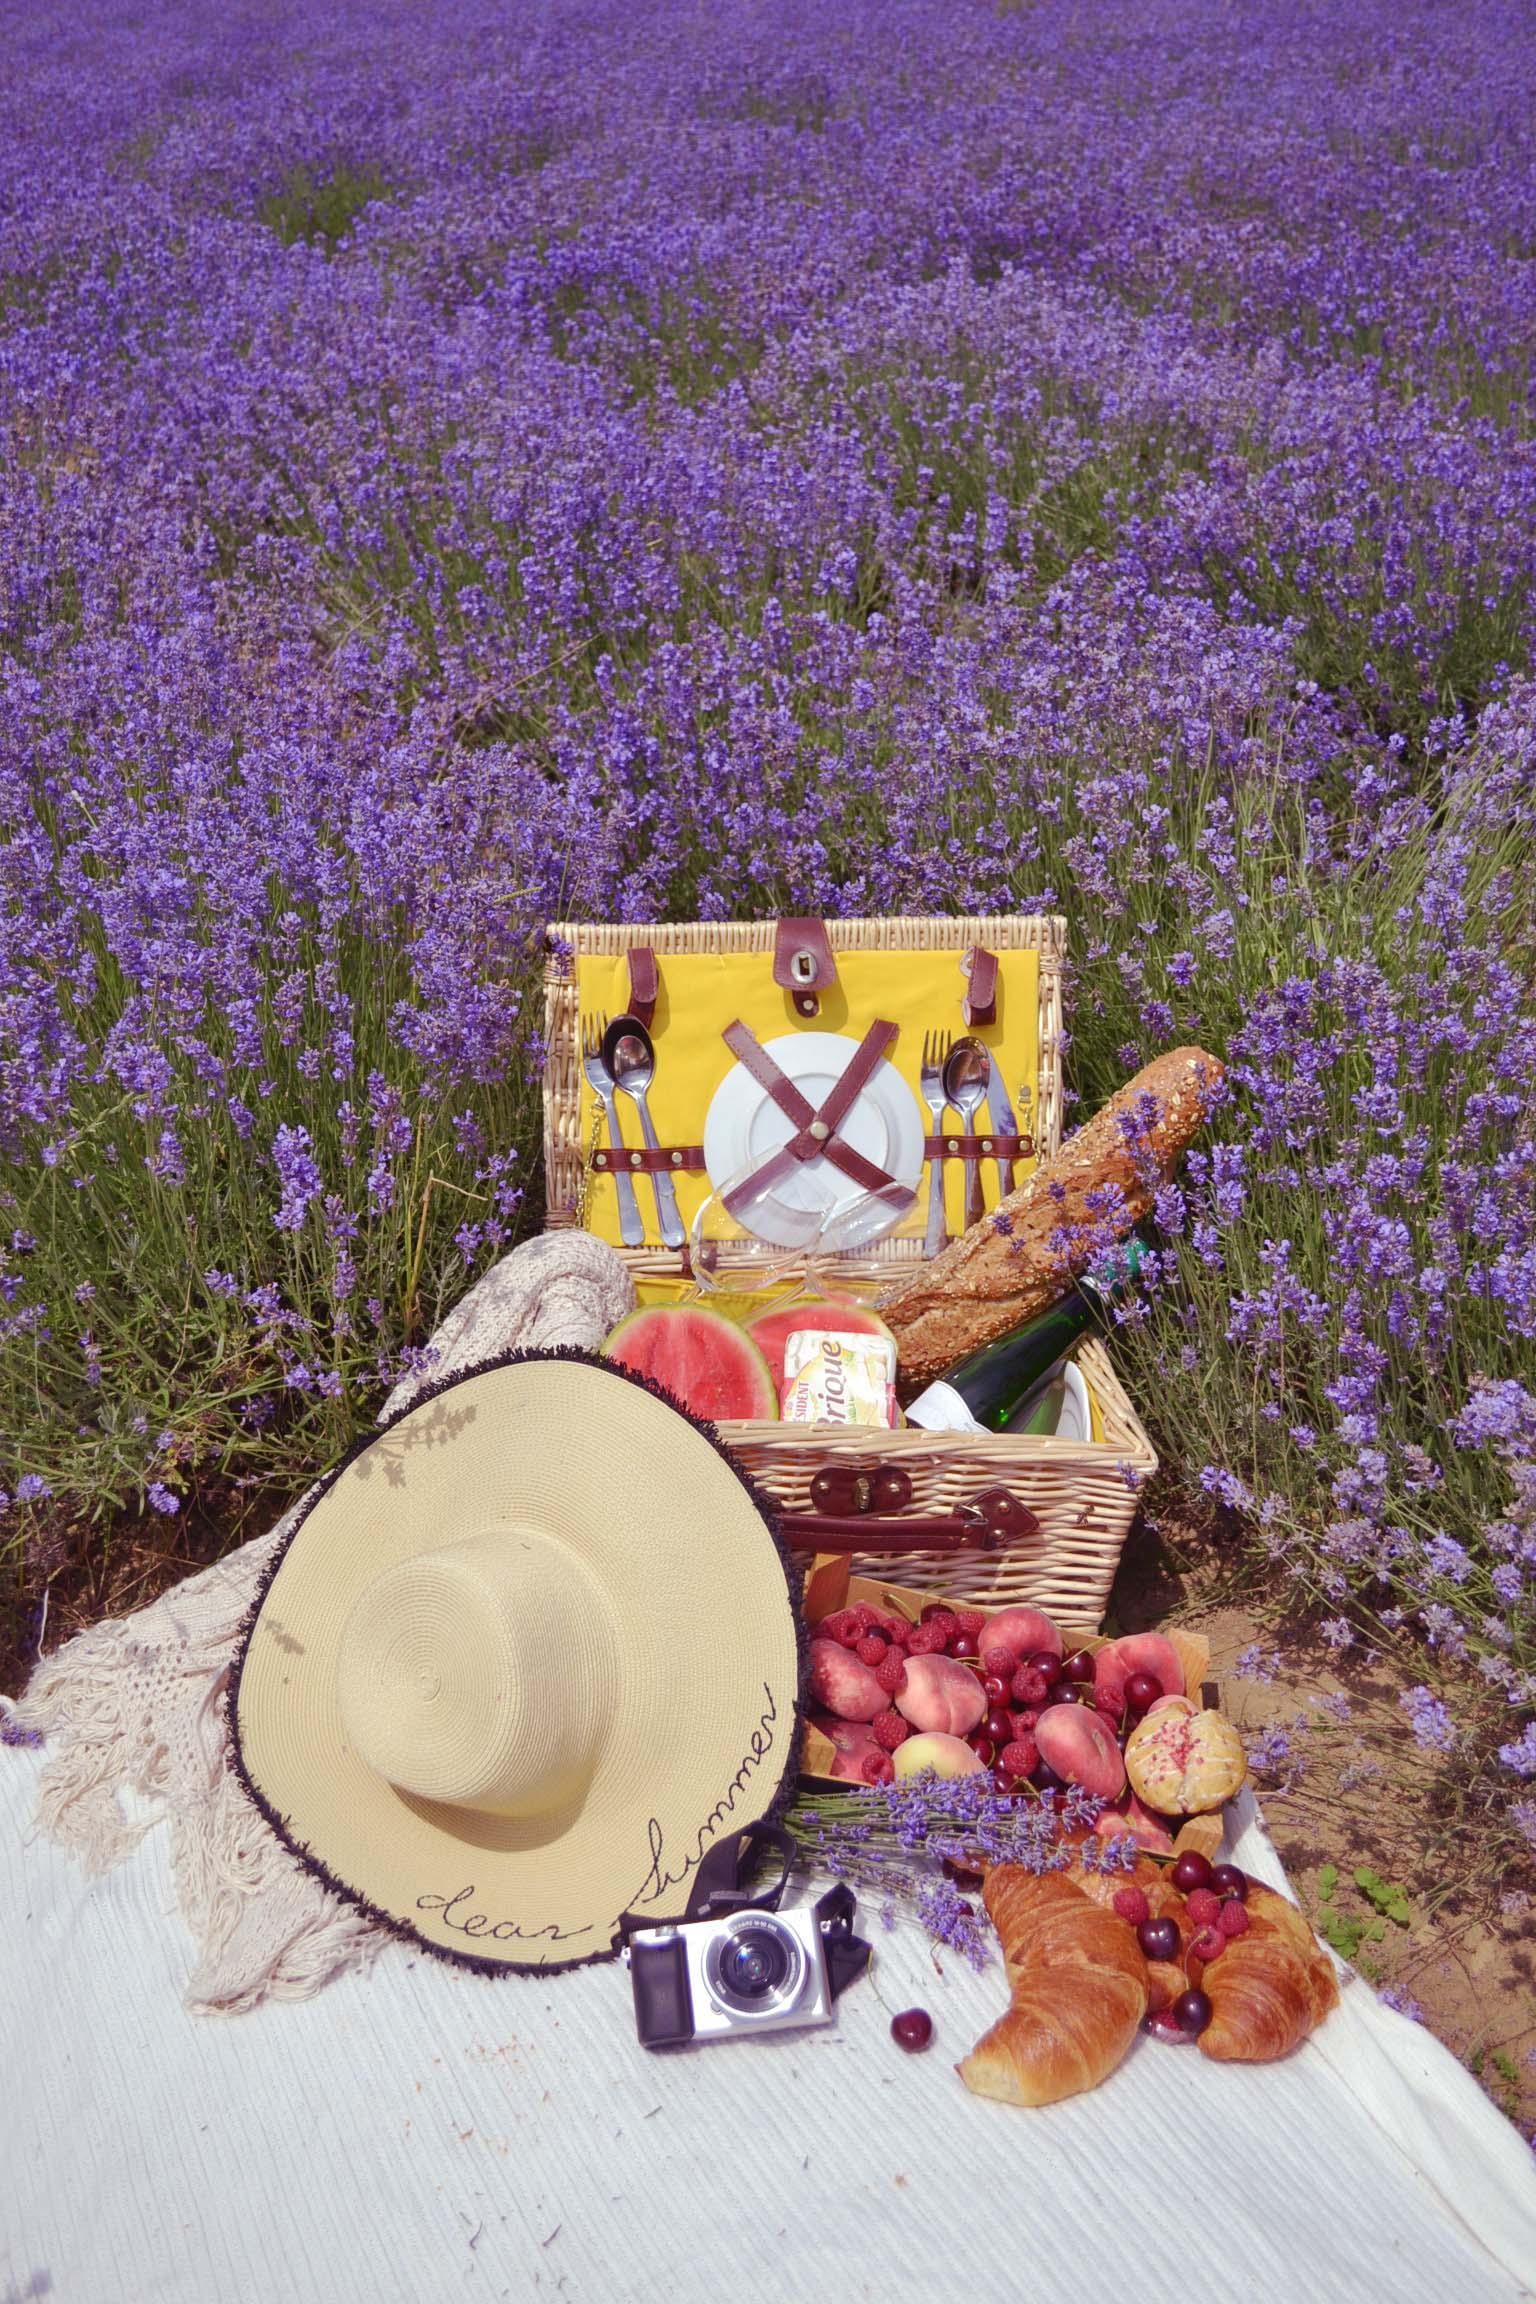 Provence in Deutschland entdecken oder warum man in der Heimat Urlaub machen soll